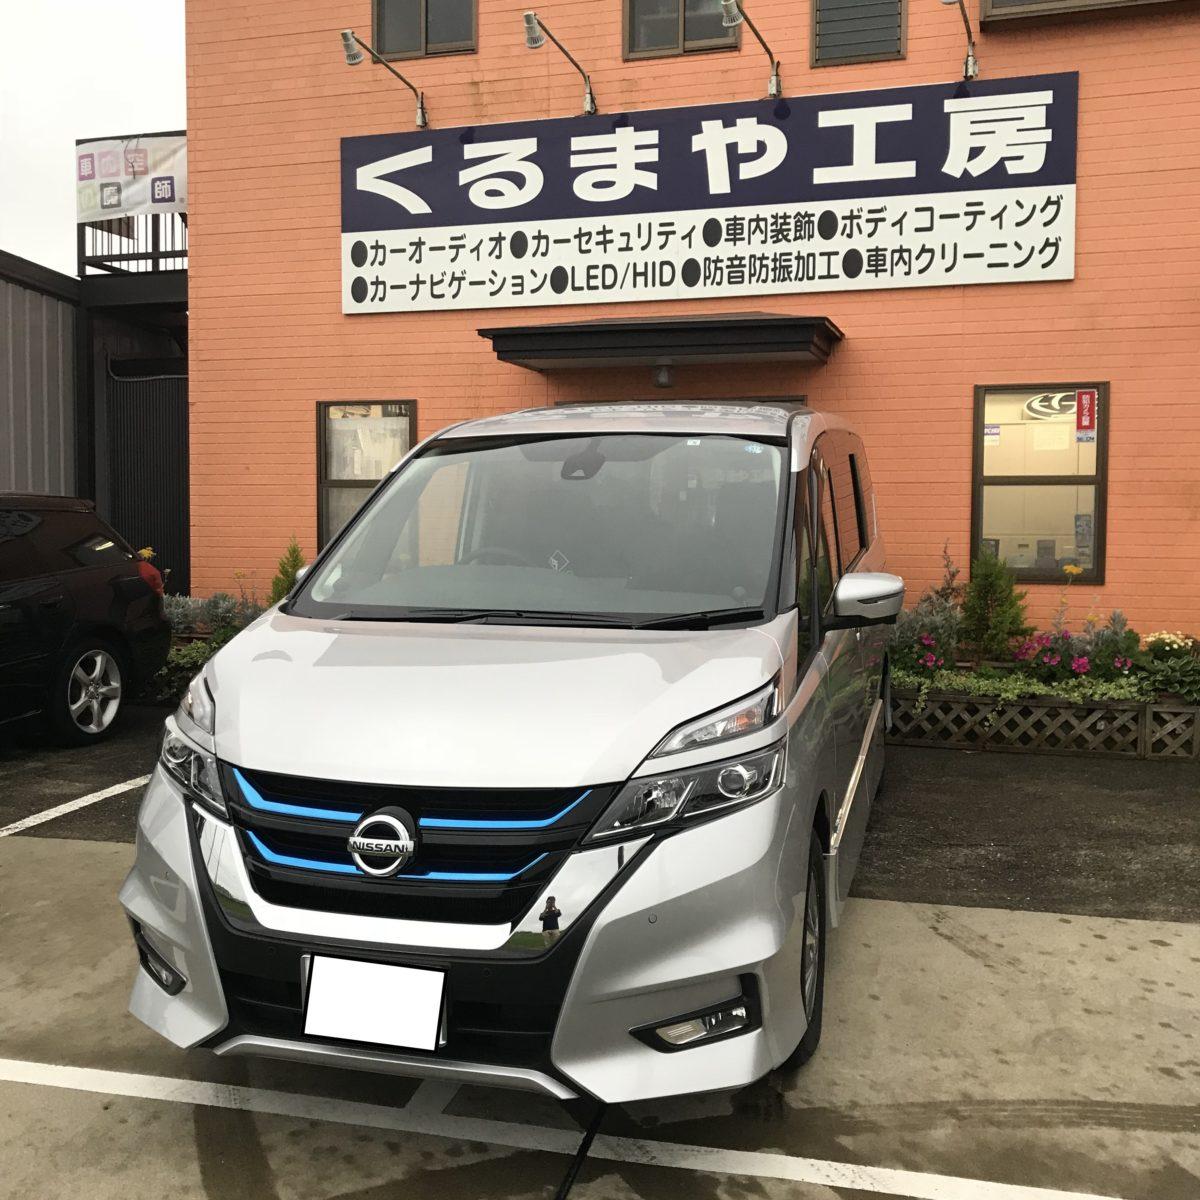 セレナe-power アラウンドビュー付・AVIC-CE902SE取り付けなど!!